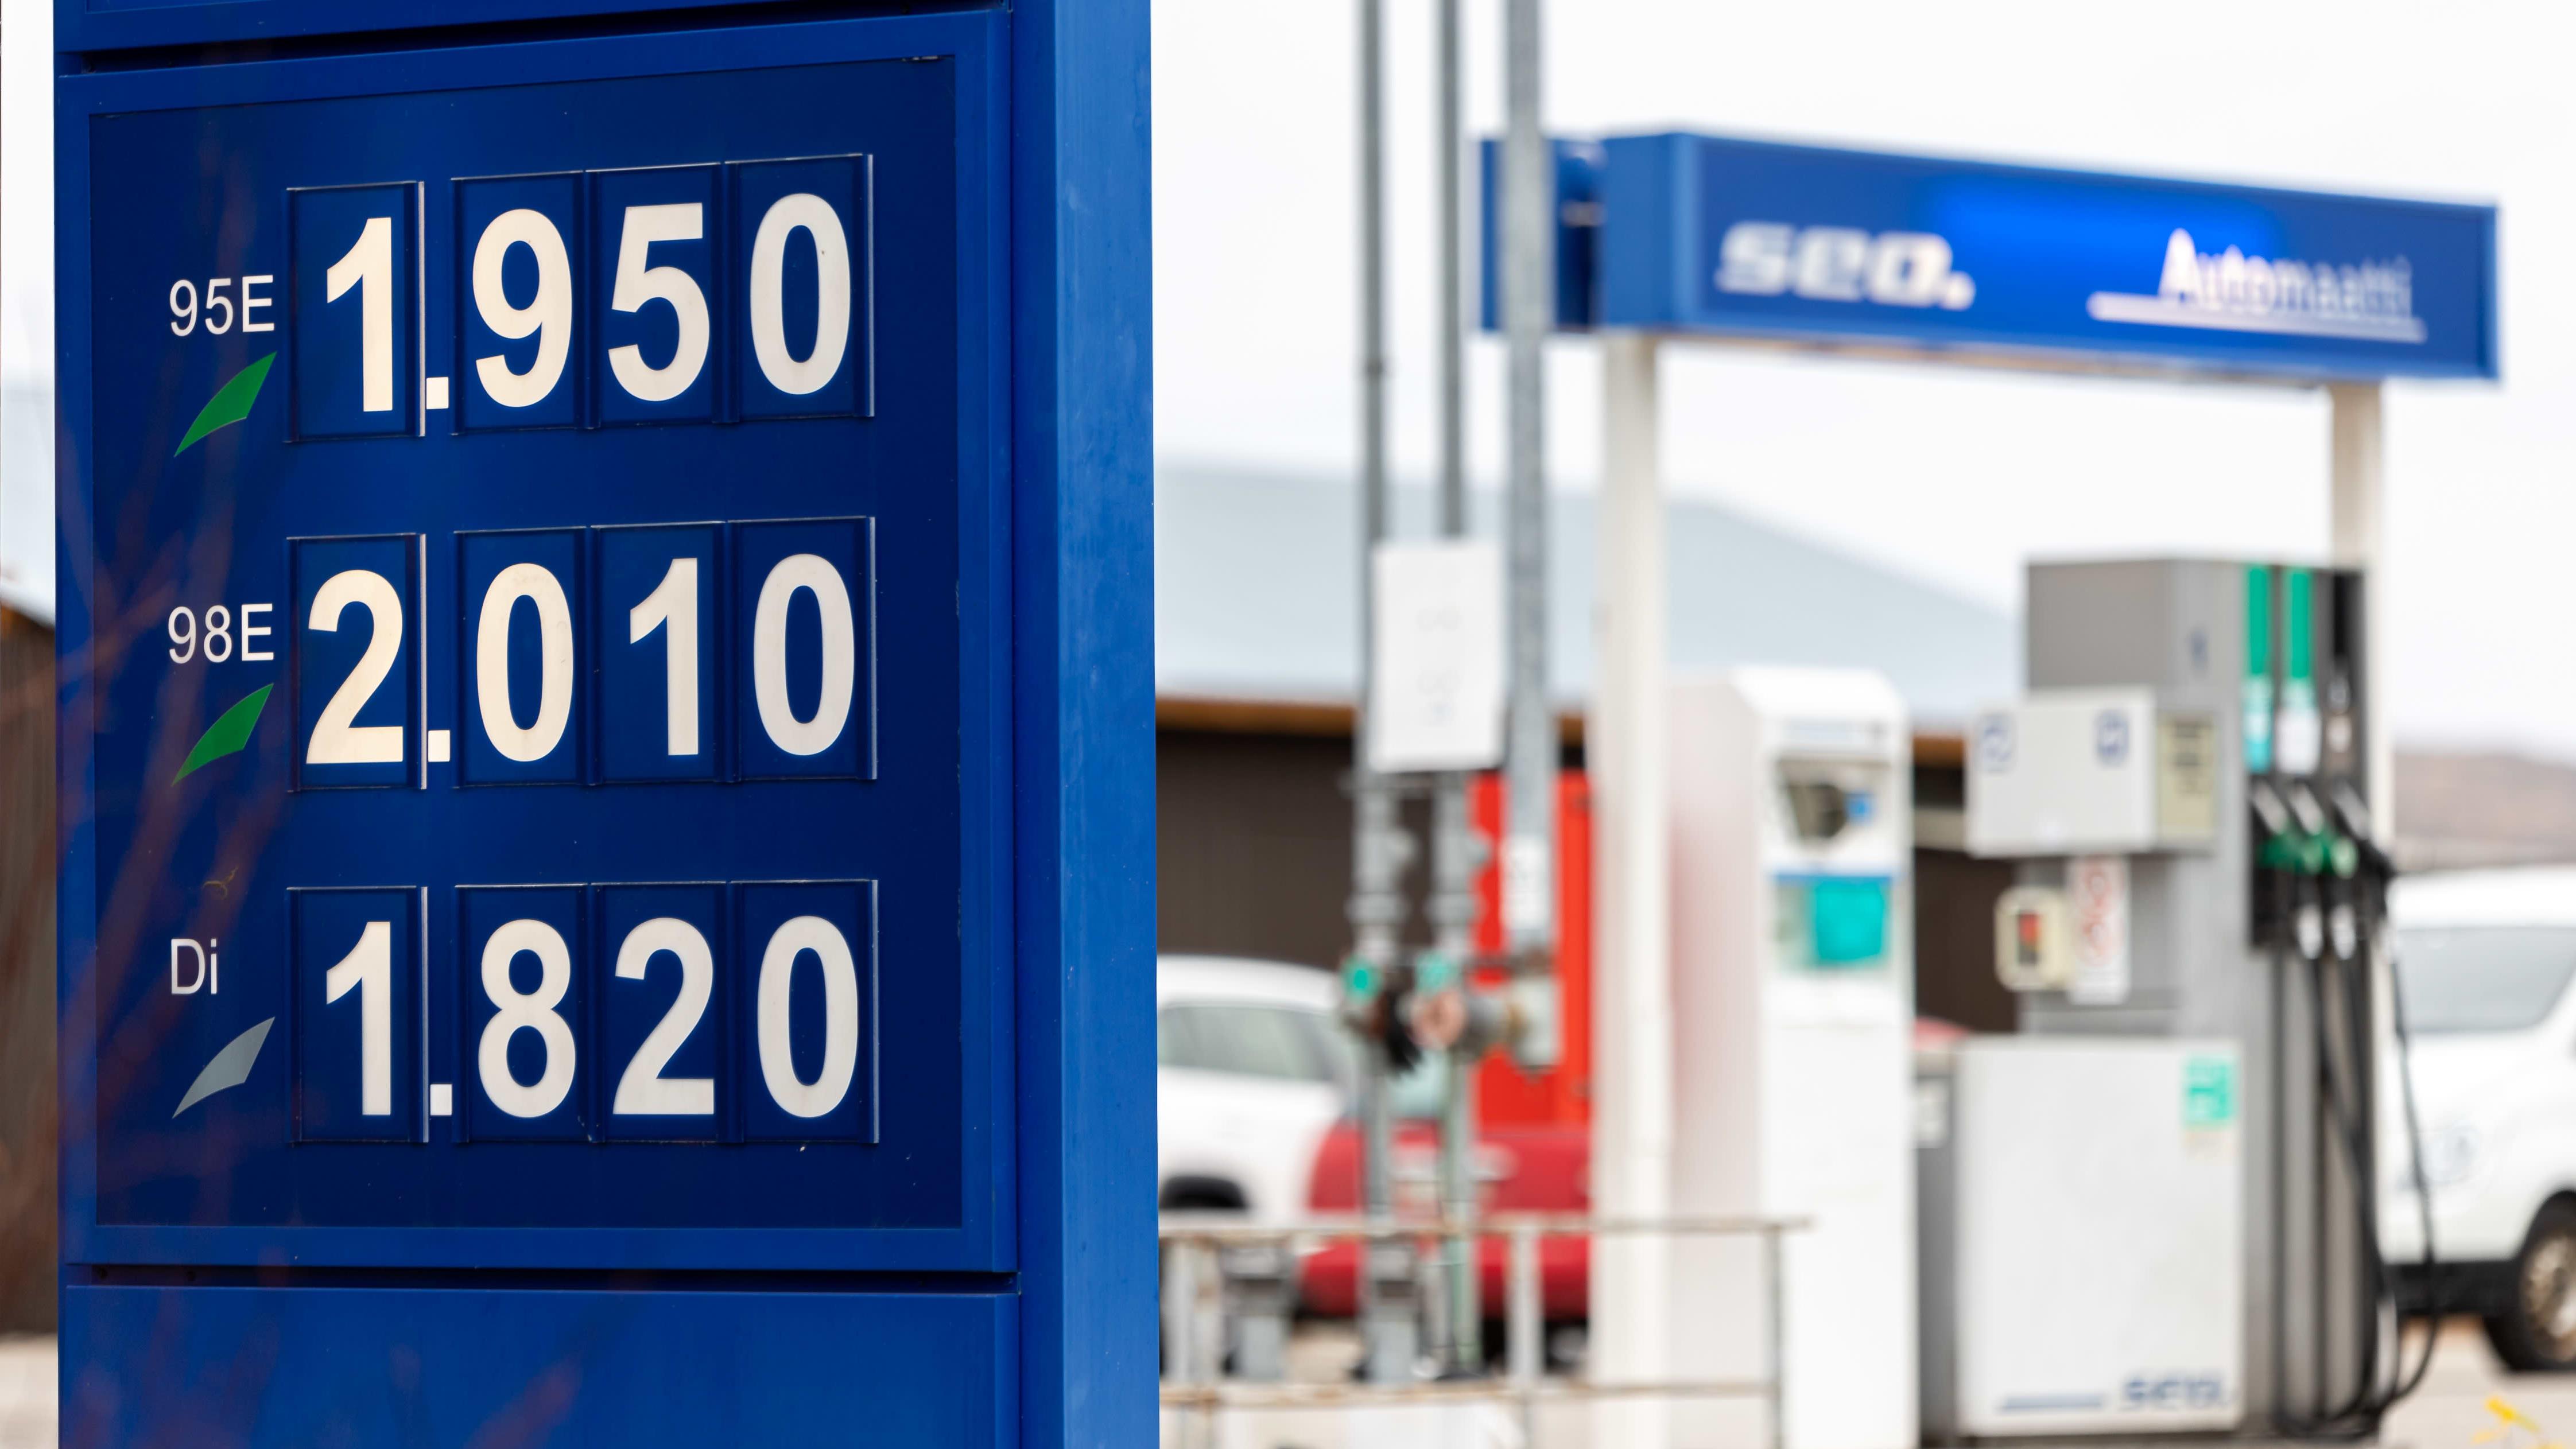 Polttoaineen hinta Nuorgamissa asemalla 7.10.2021.